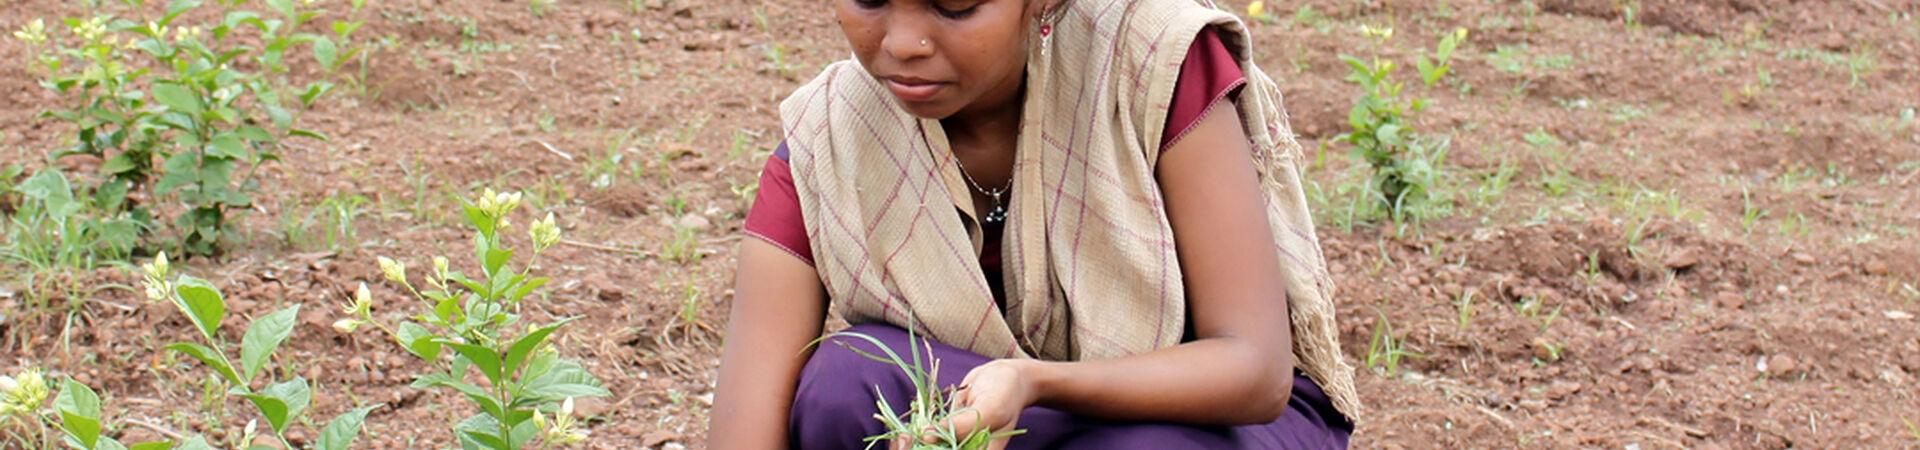 Banner - Women's Empowerment International Foundation